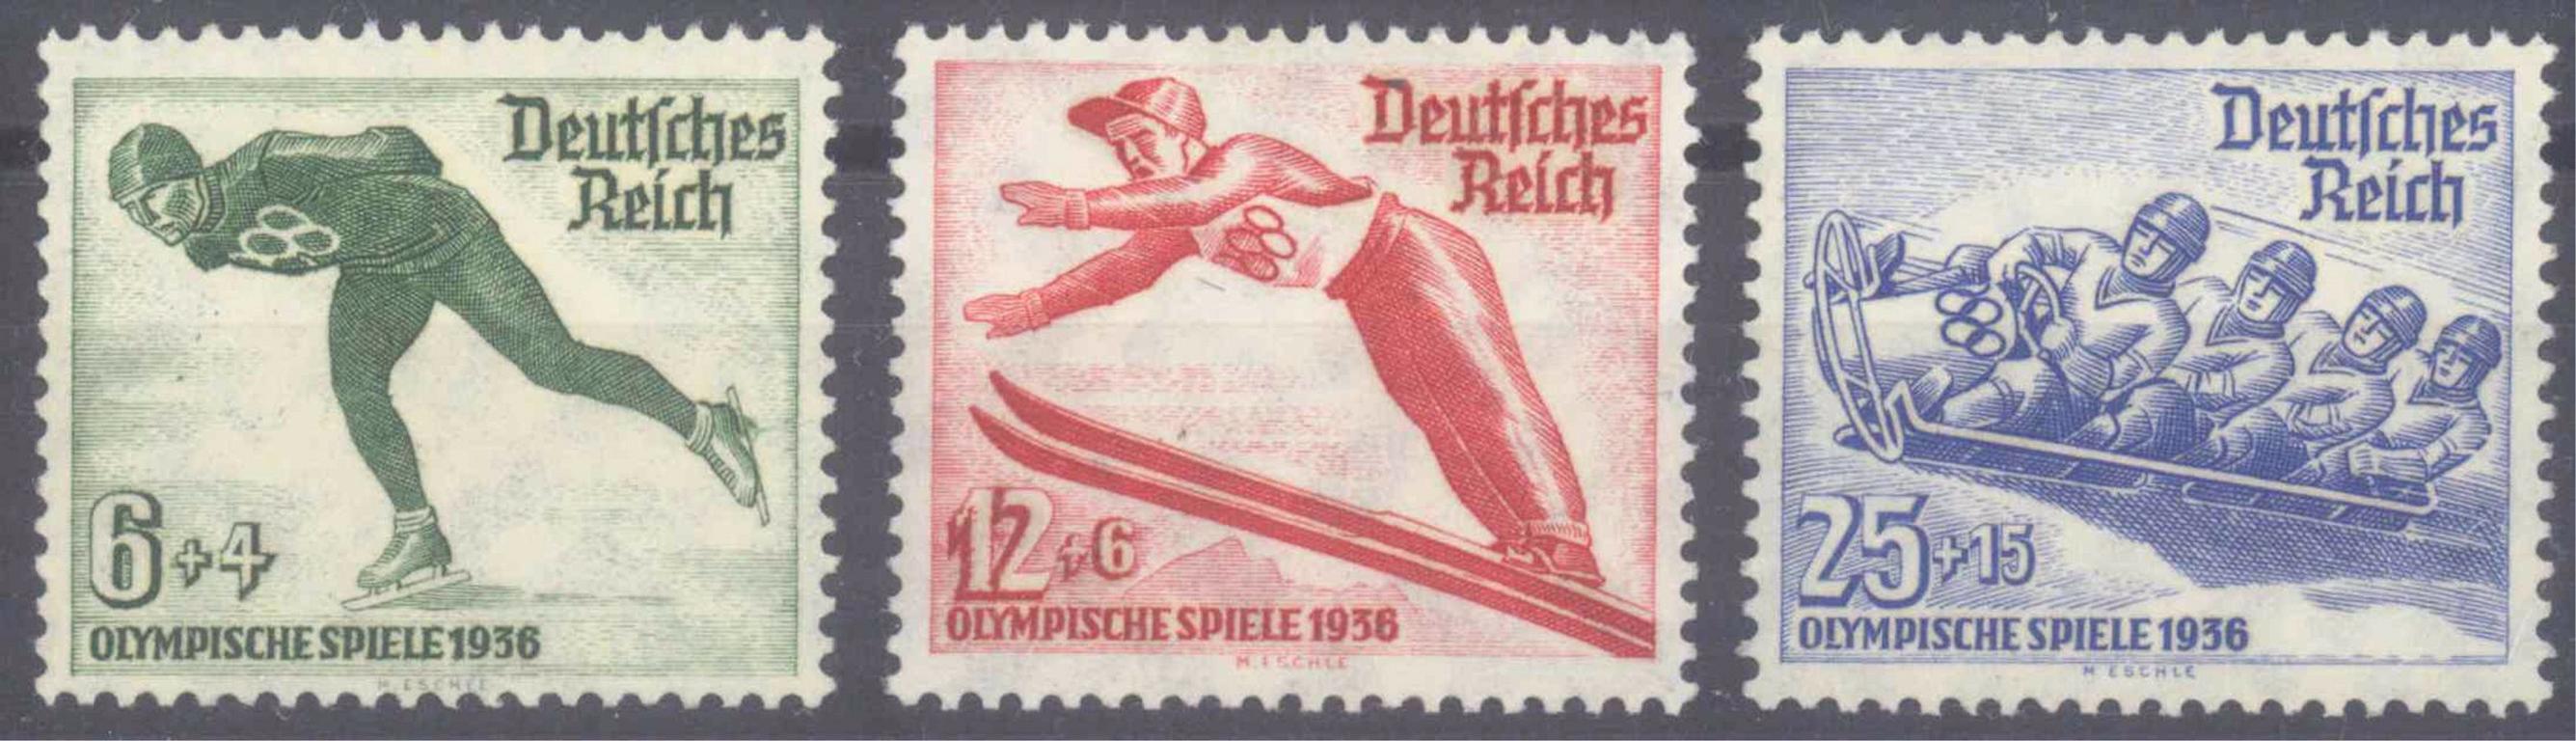 III. Reich 1935, Olympische Winterspiele 1936